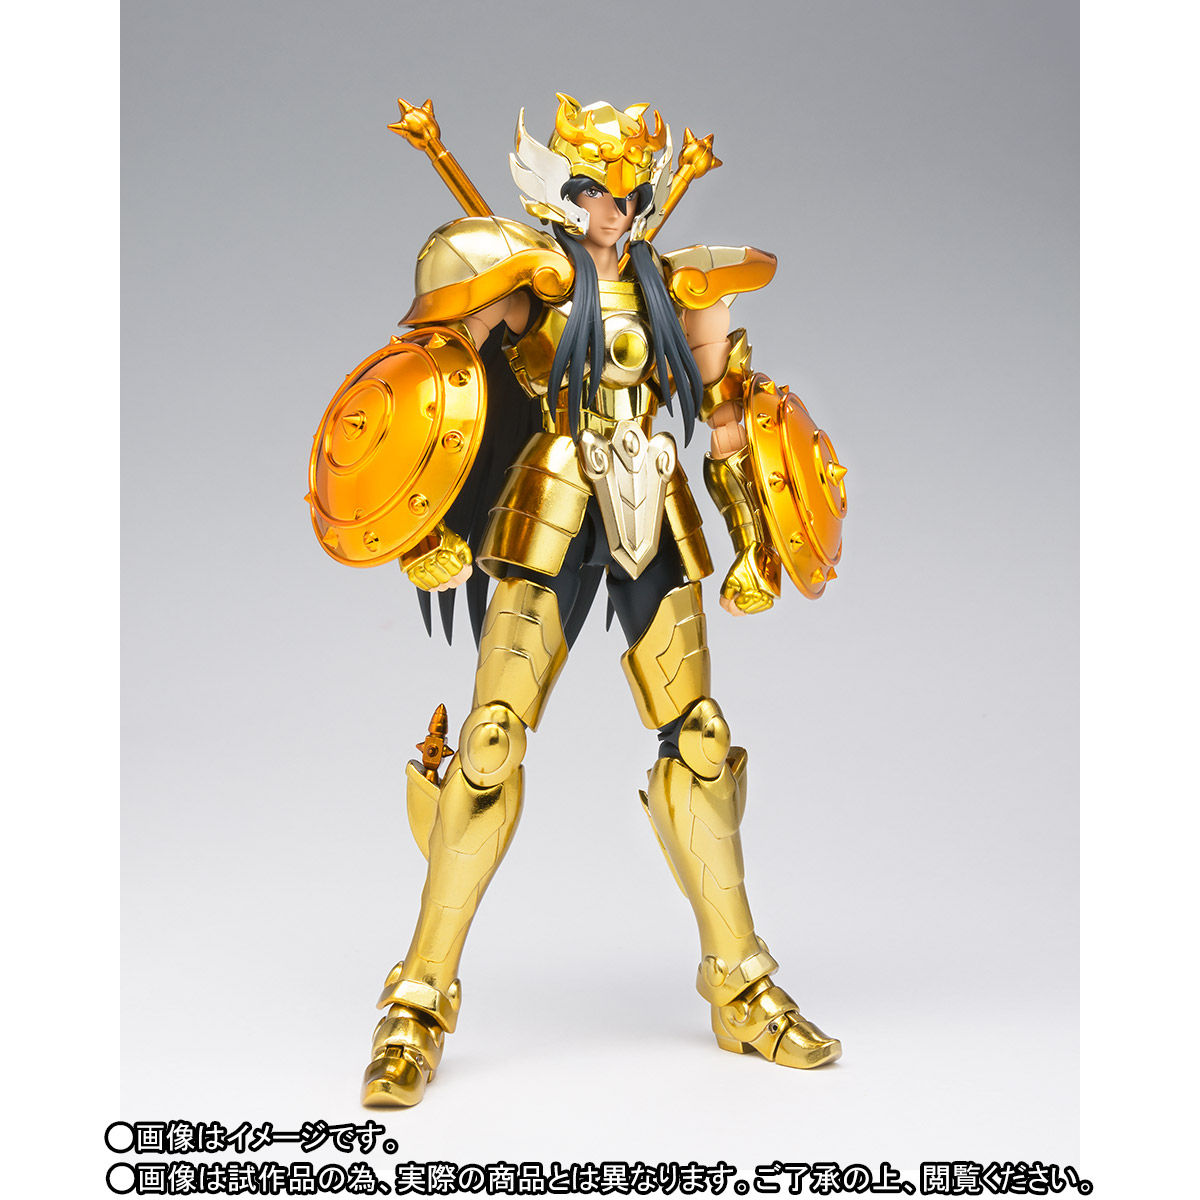 【限定販売】聖闘士聖衣神話EX『ライブラ紫龍』可動フィギュア-002